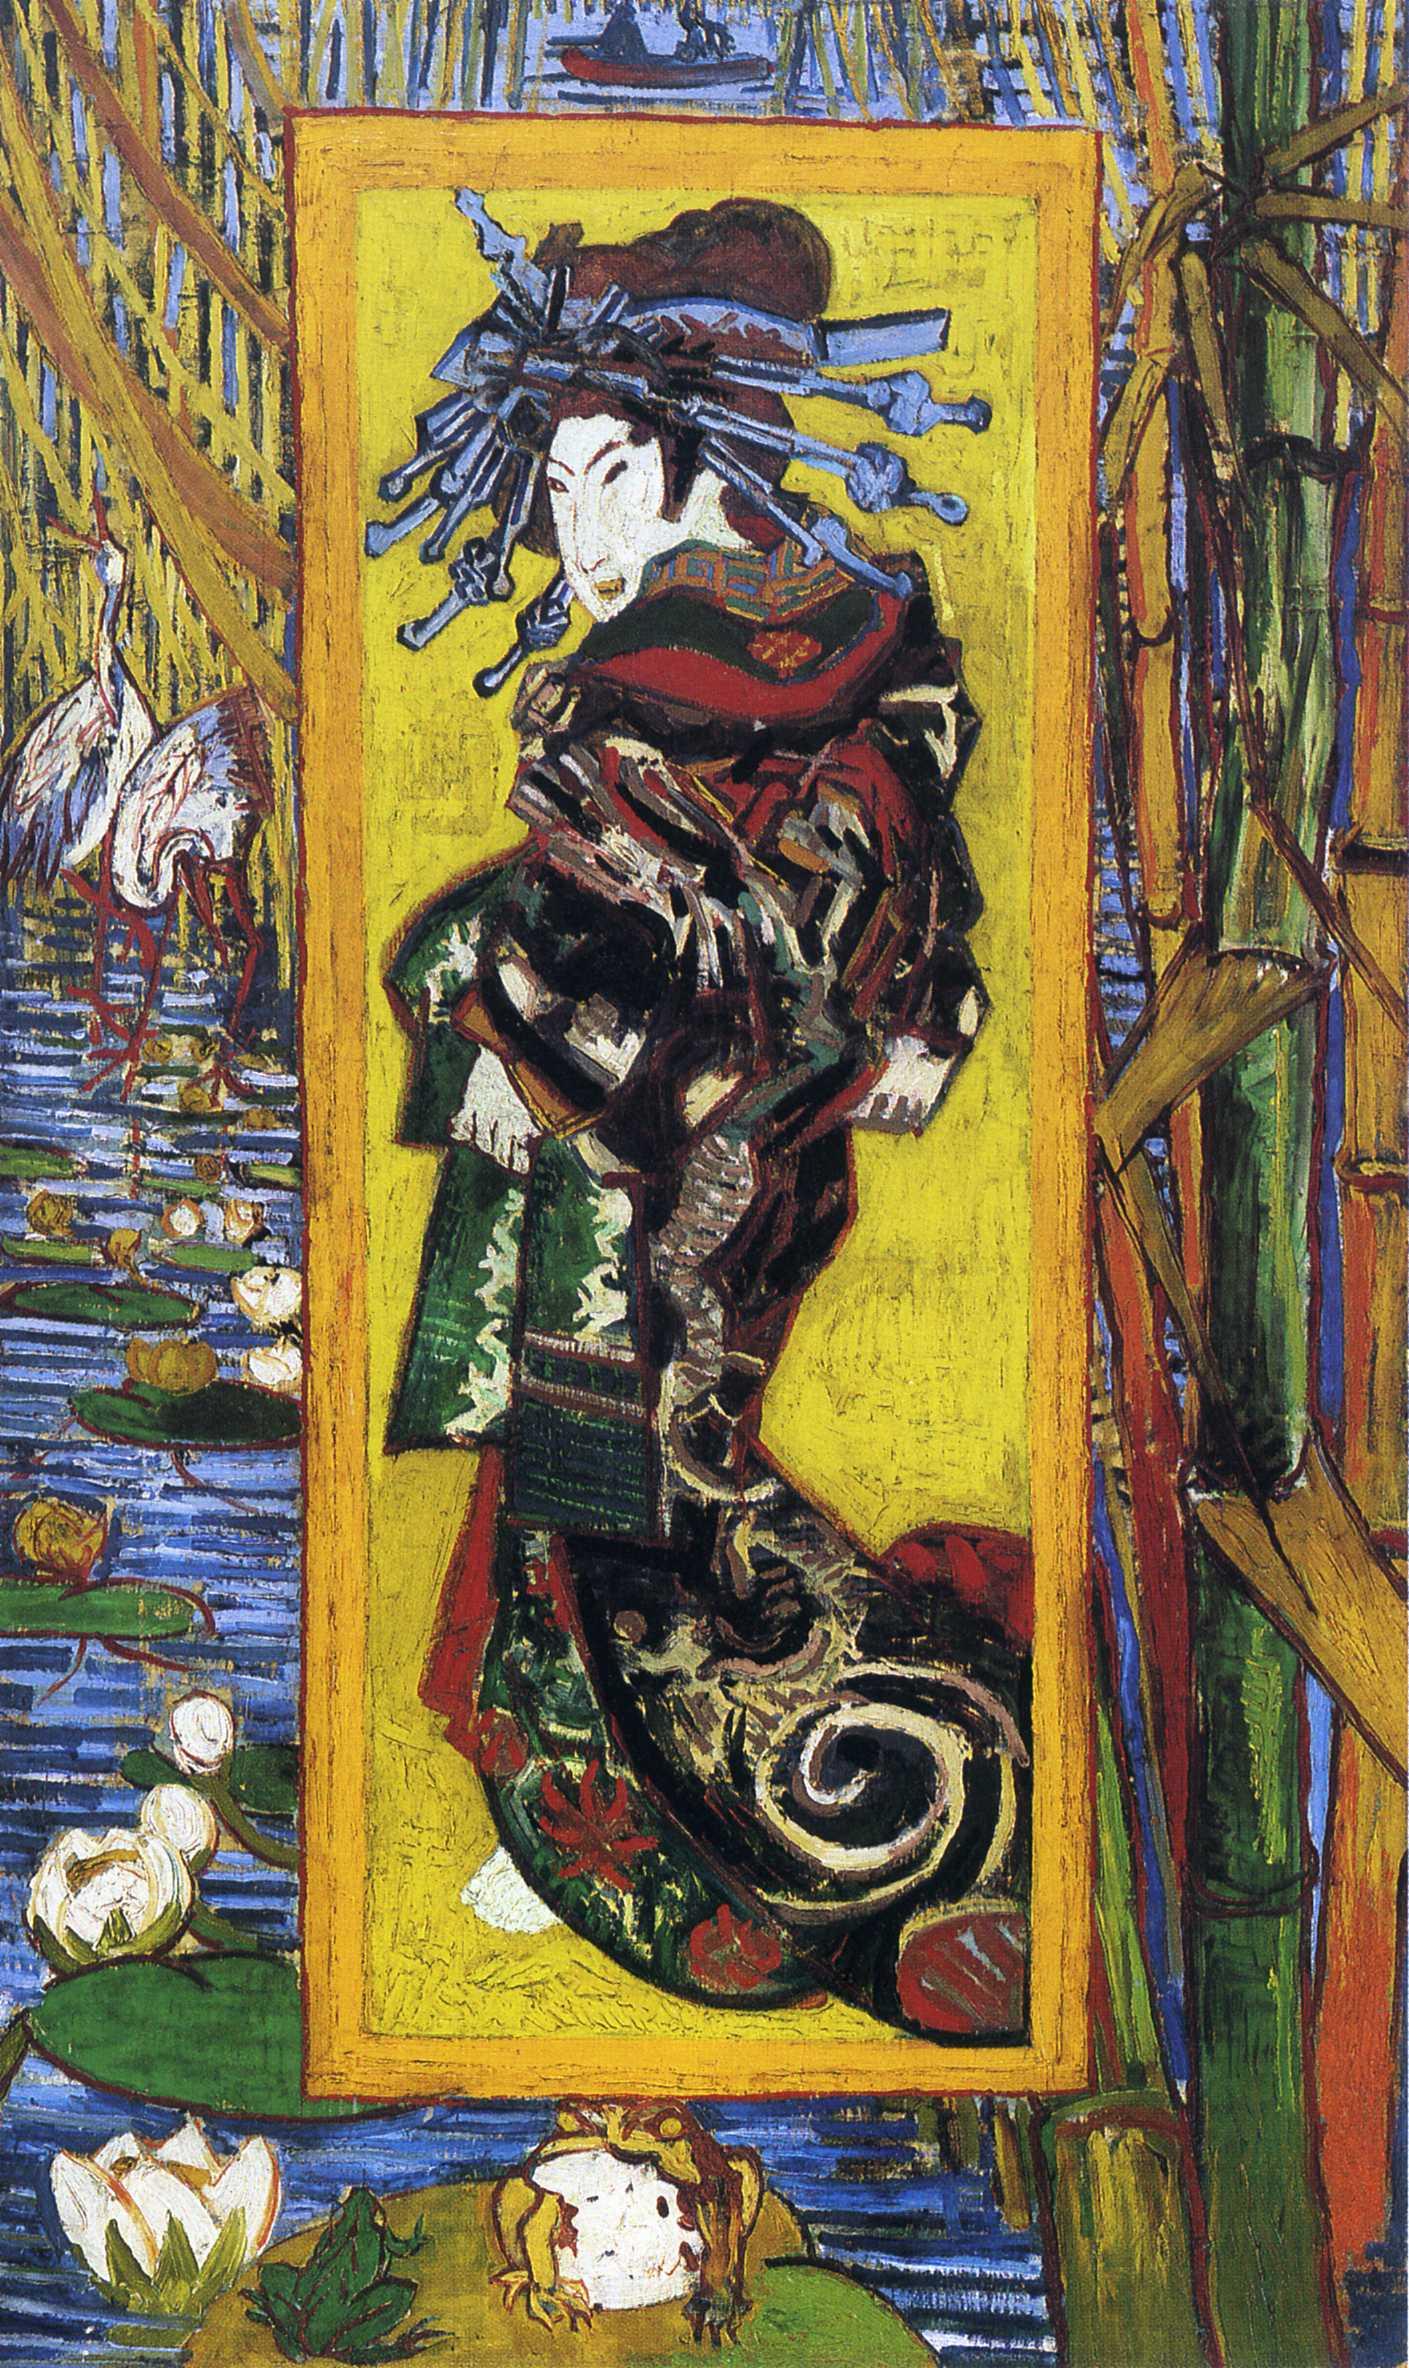 Vincent van Gogh, Japonaiserie- Oiran, après Kesaï Eisen', 1887, image via artvan-Gogh